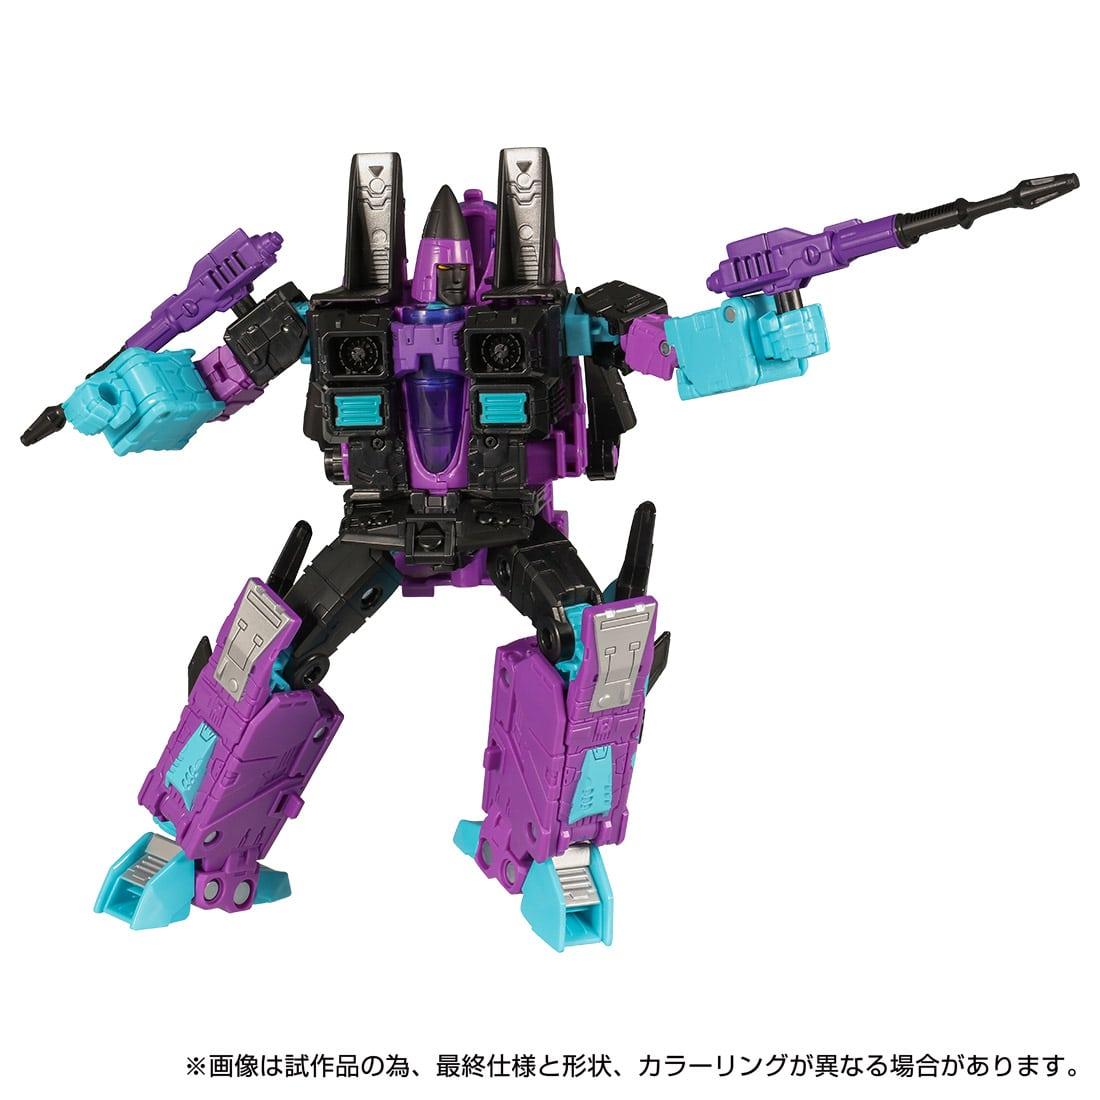 【限定販売】トランスフォーマー GENERATION SELECTS『ラムジェット』可変可動フィギュア-003